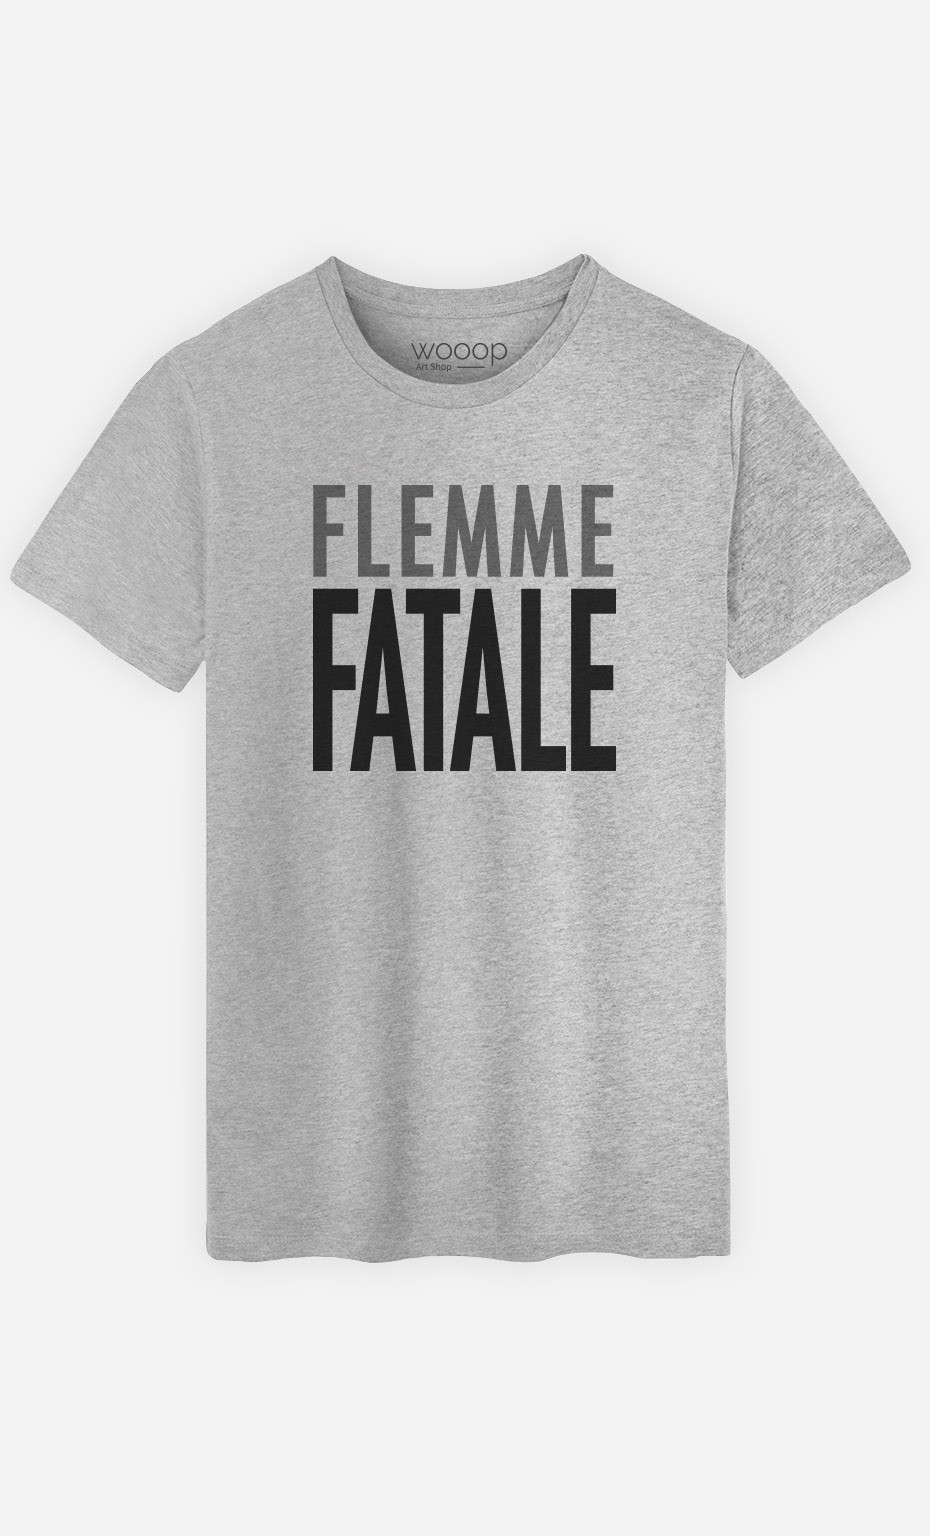 T-Shirt Flemme Fatale